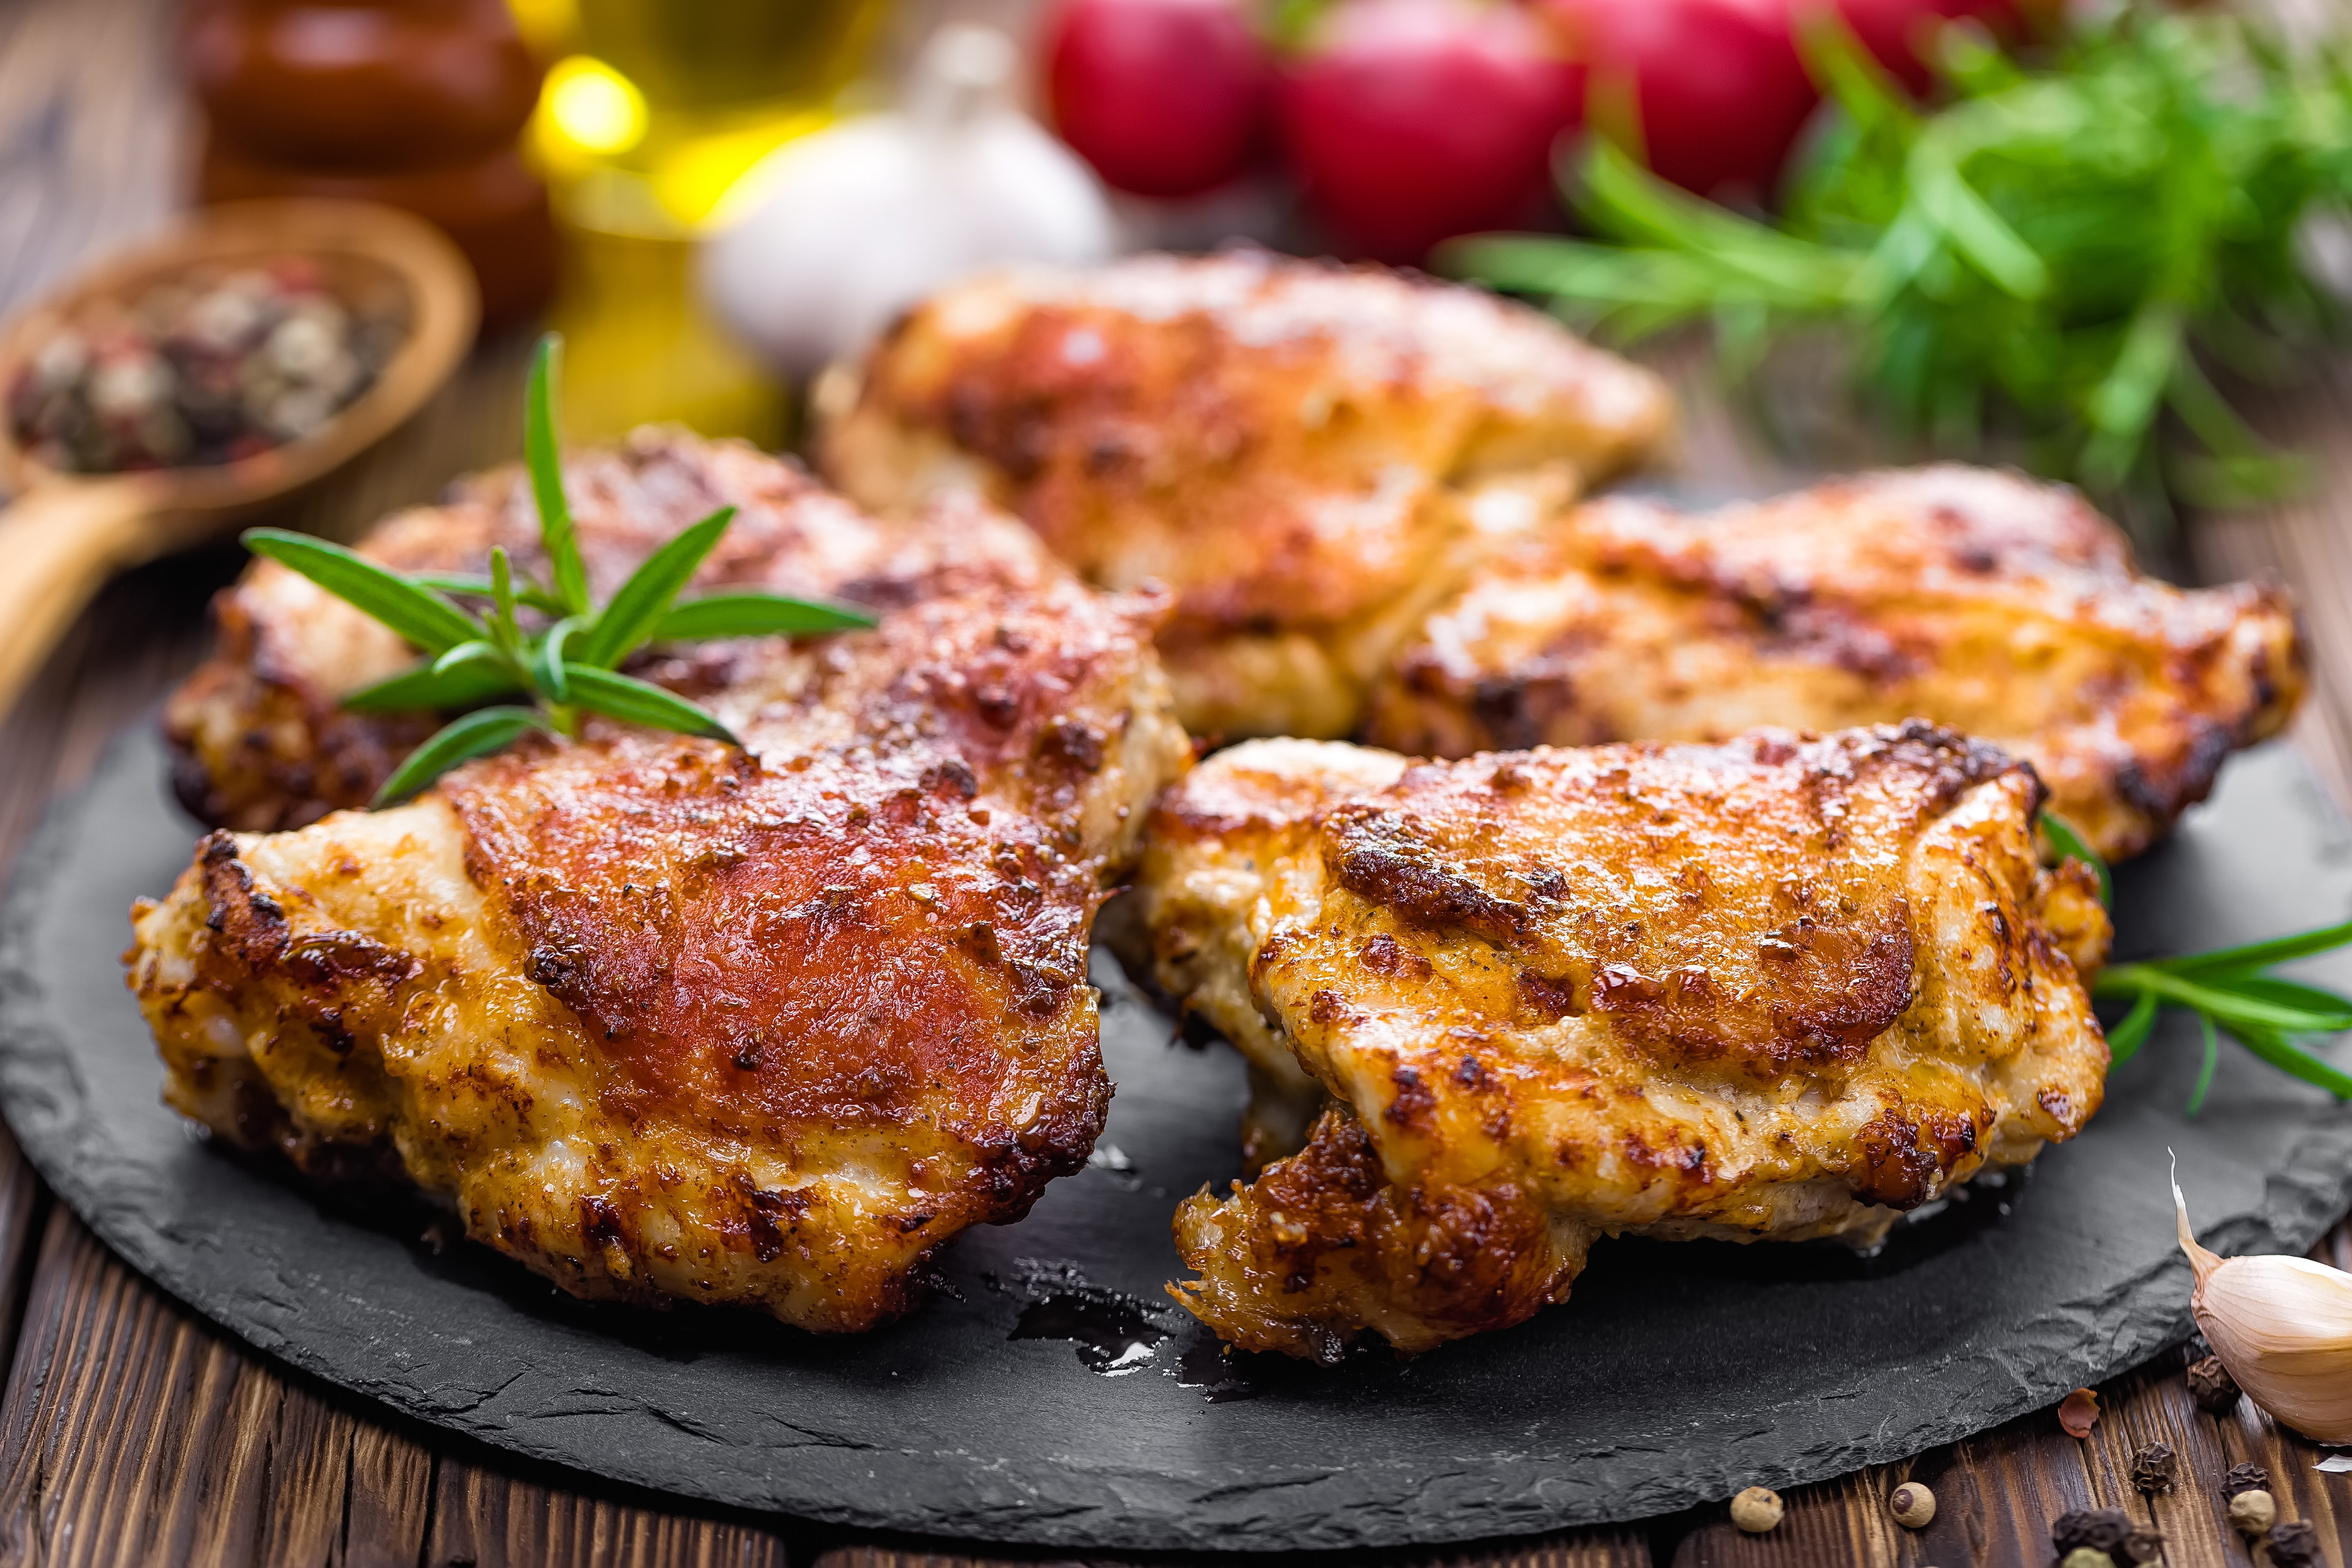 プレートの上に盛られた鶏肉のグリル